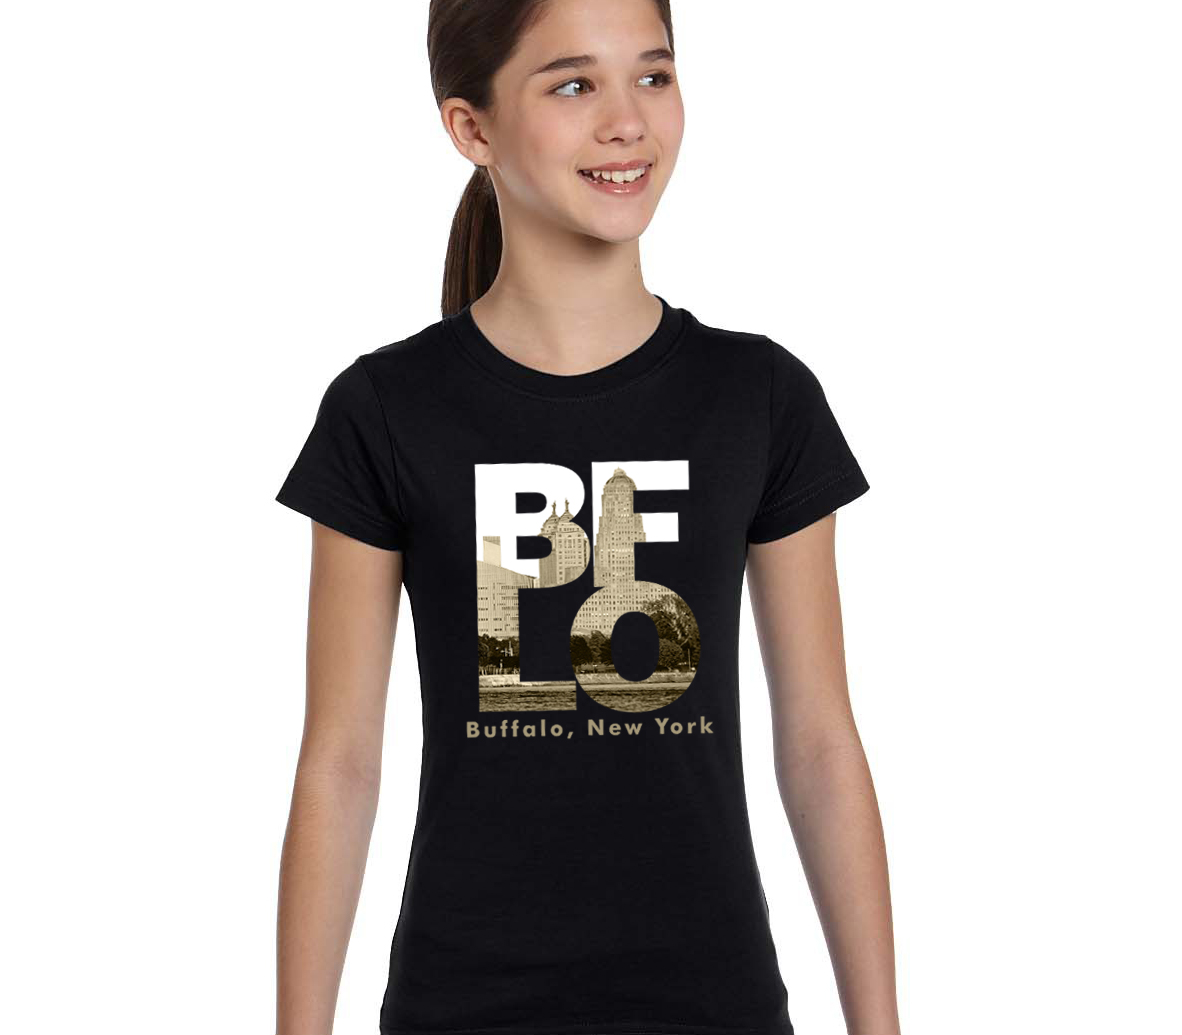 Bflo t shirt by marinette kozlow youth inspired buffalo for Custom t shirts buffalo ny